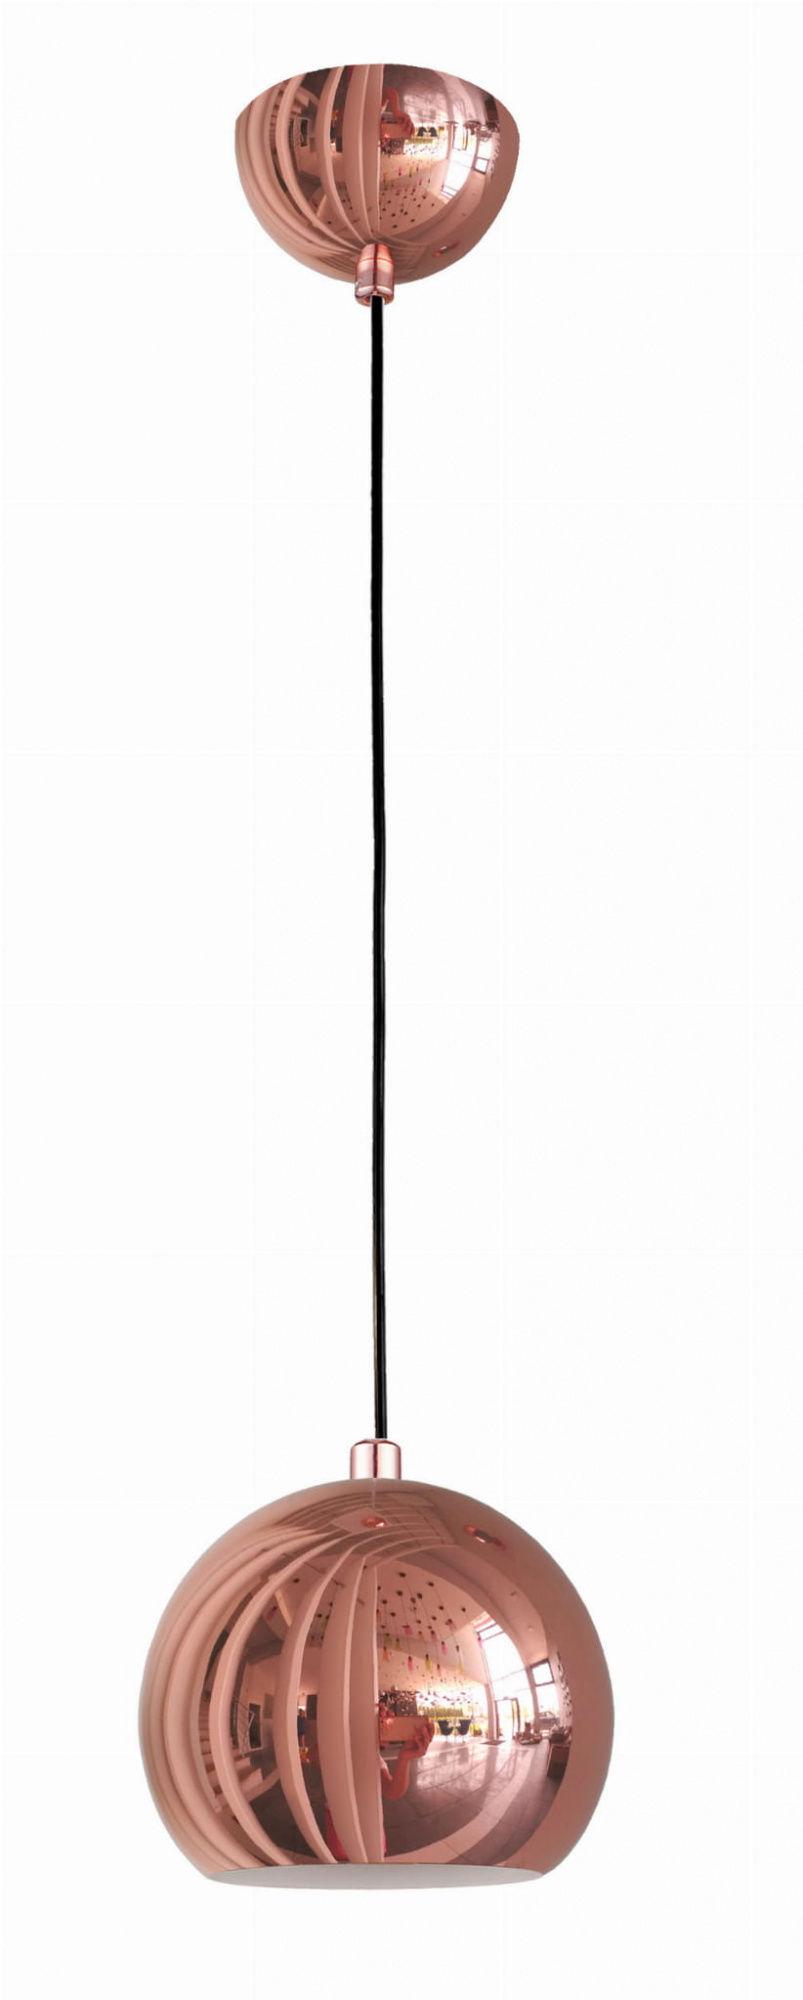 Lampa wisząca Rame LP-2014/1P Light Prestige nowoczesna oprawa w kolorze miedzianym